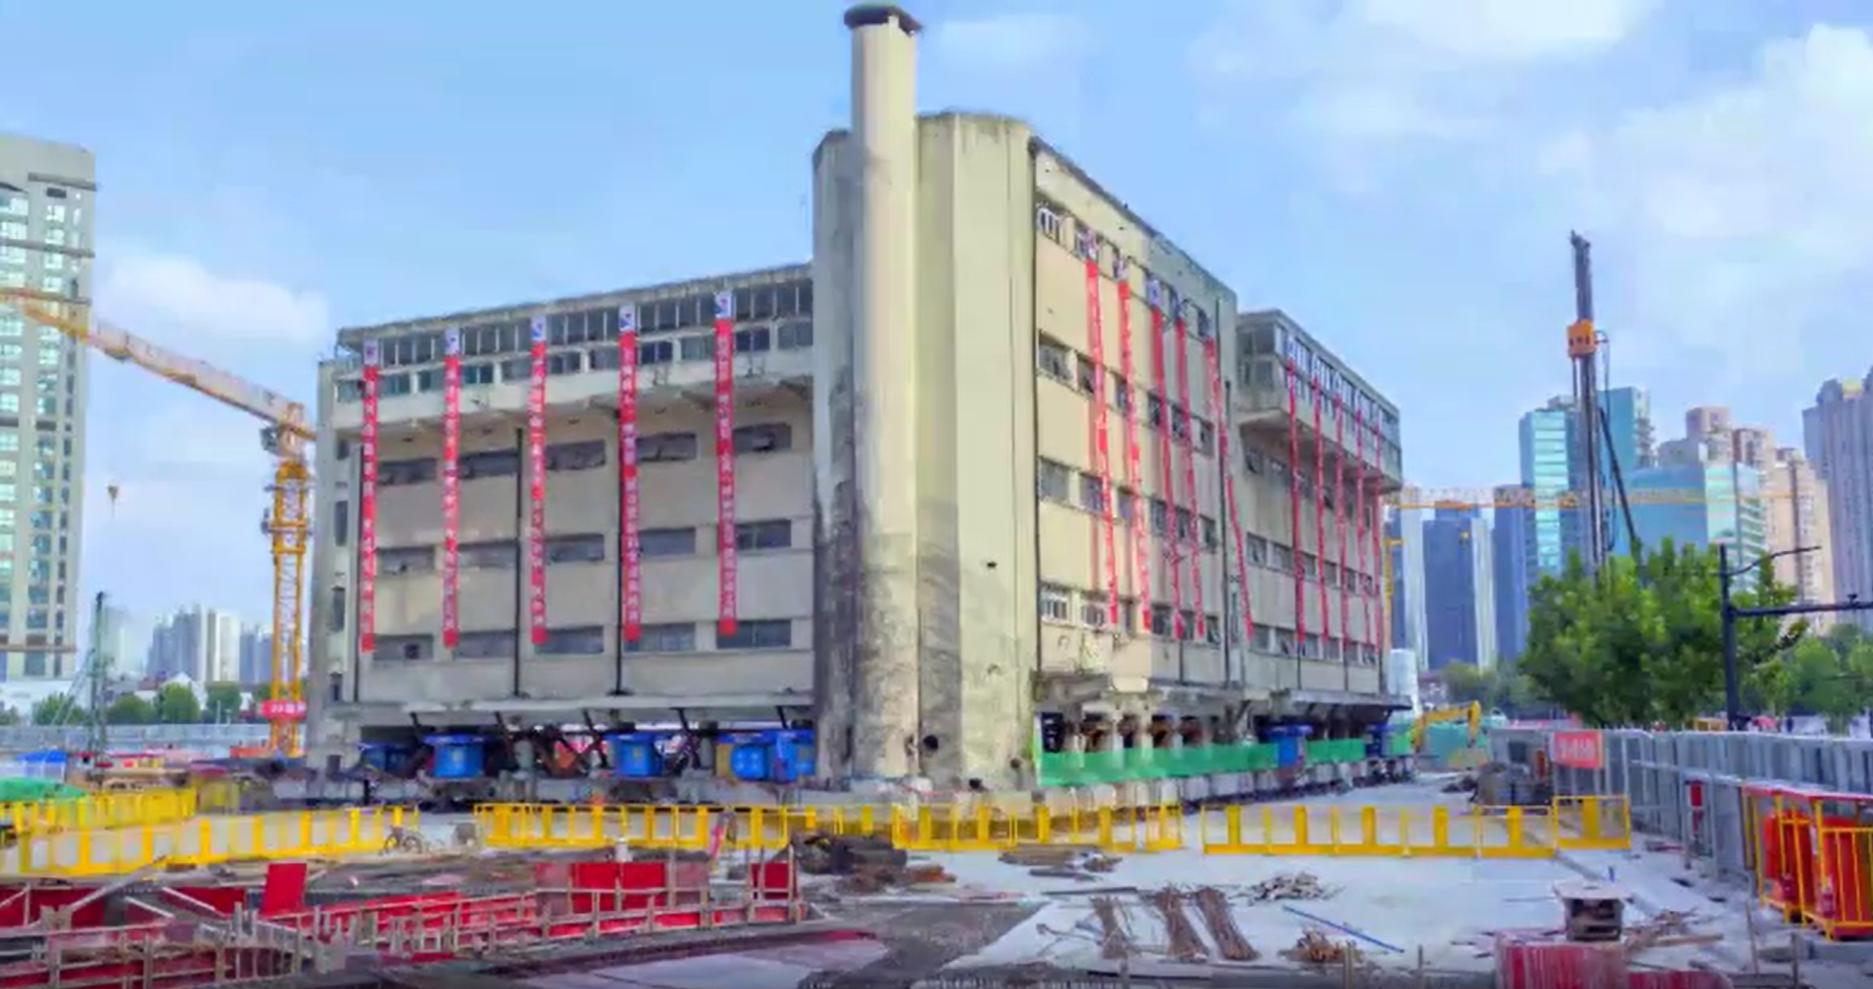 Видео дня. Пятиэтажный памятник архитектуры из Шанхая «идет» на новое место